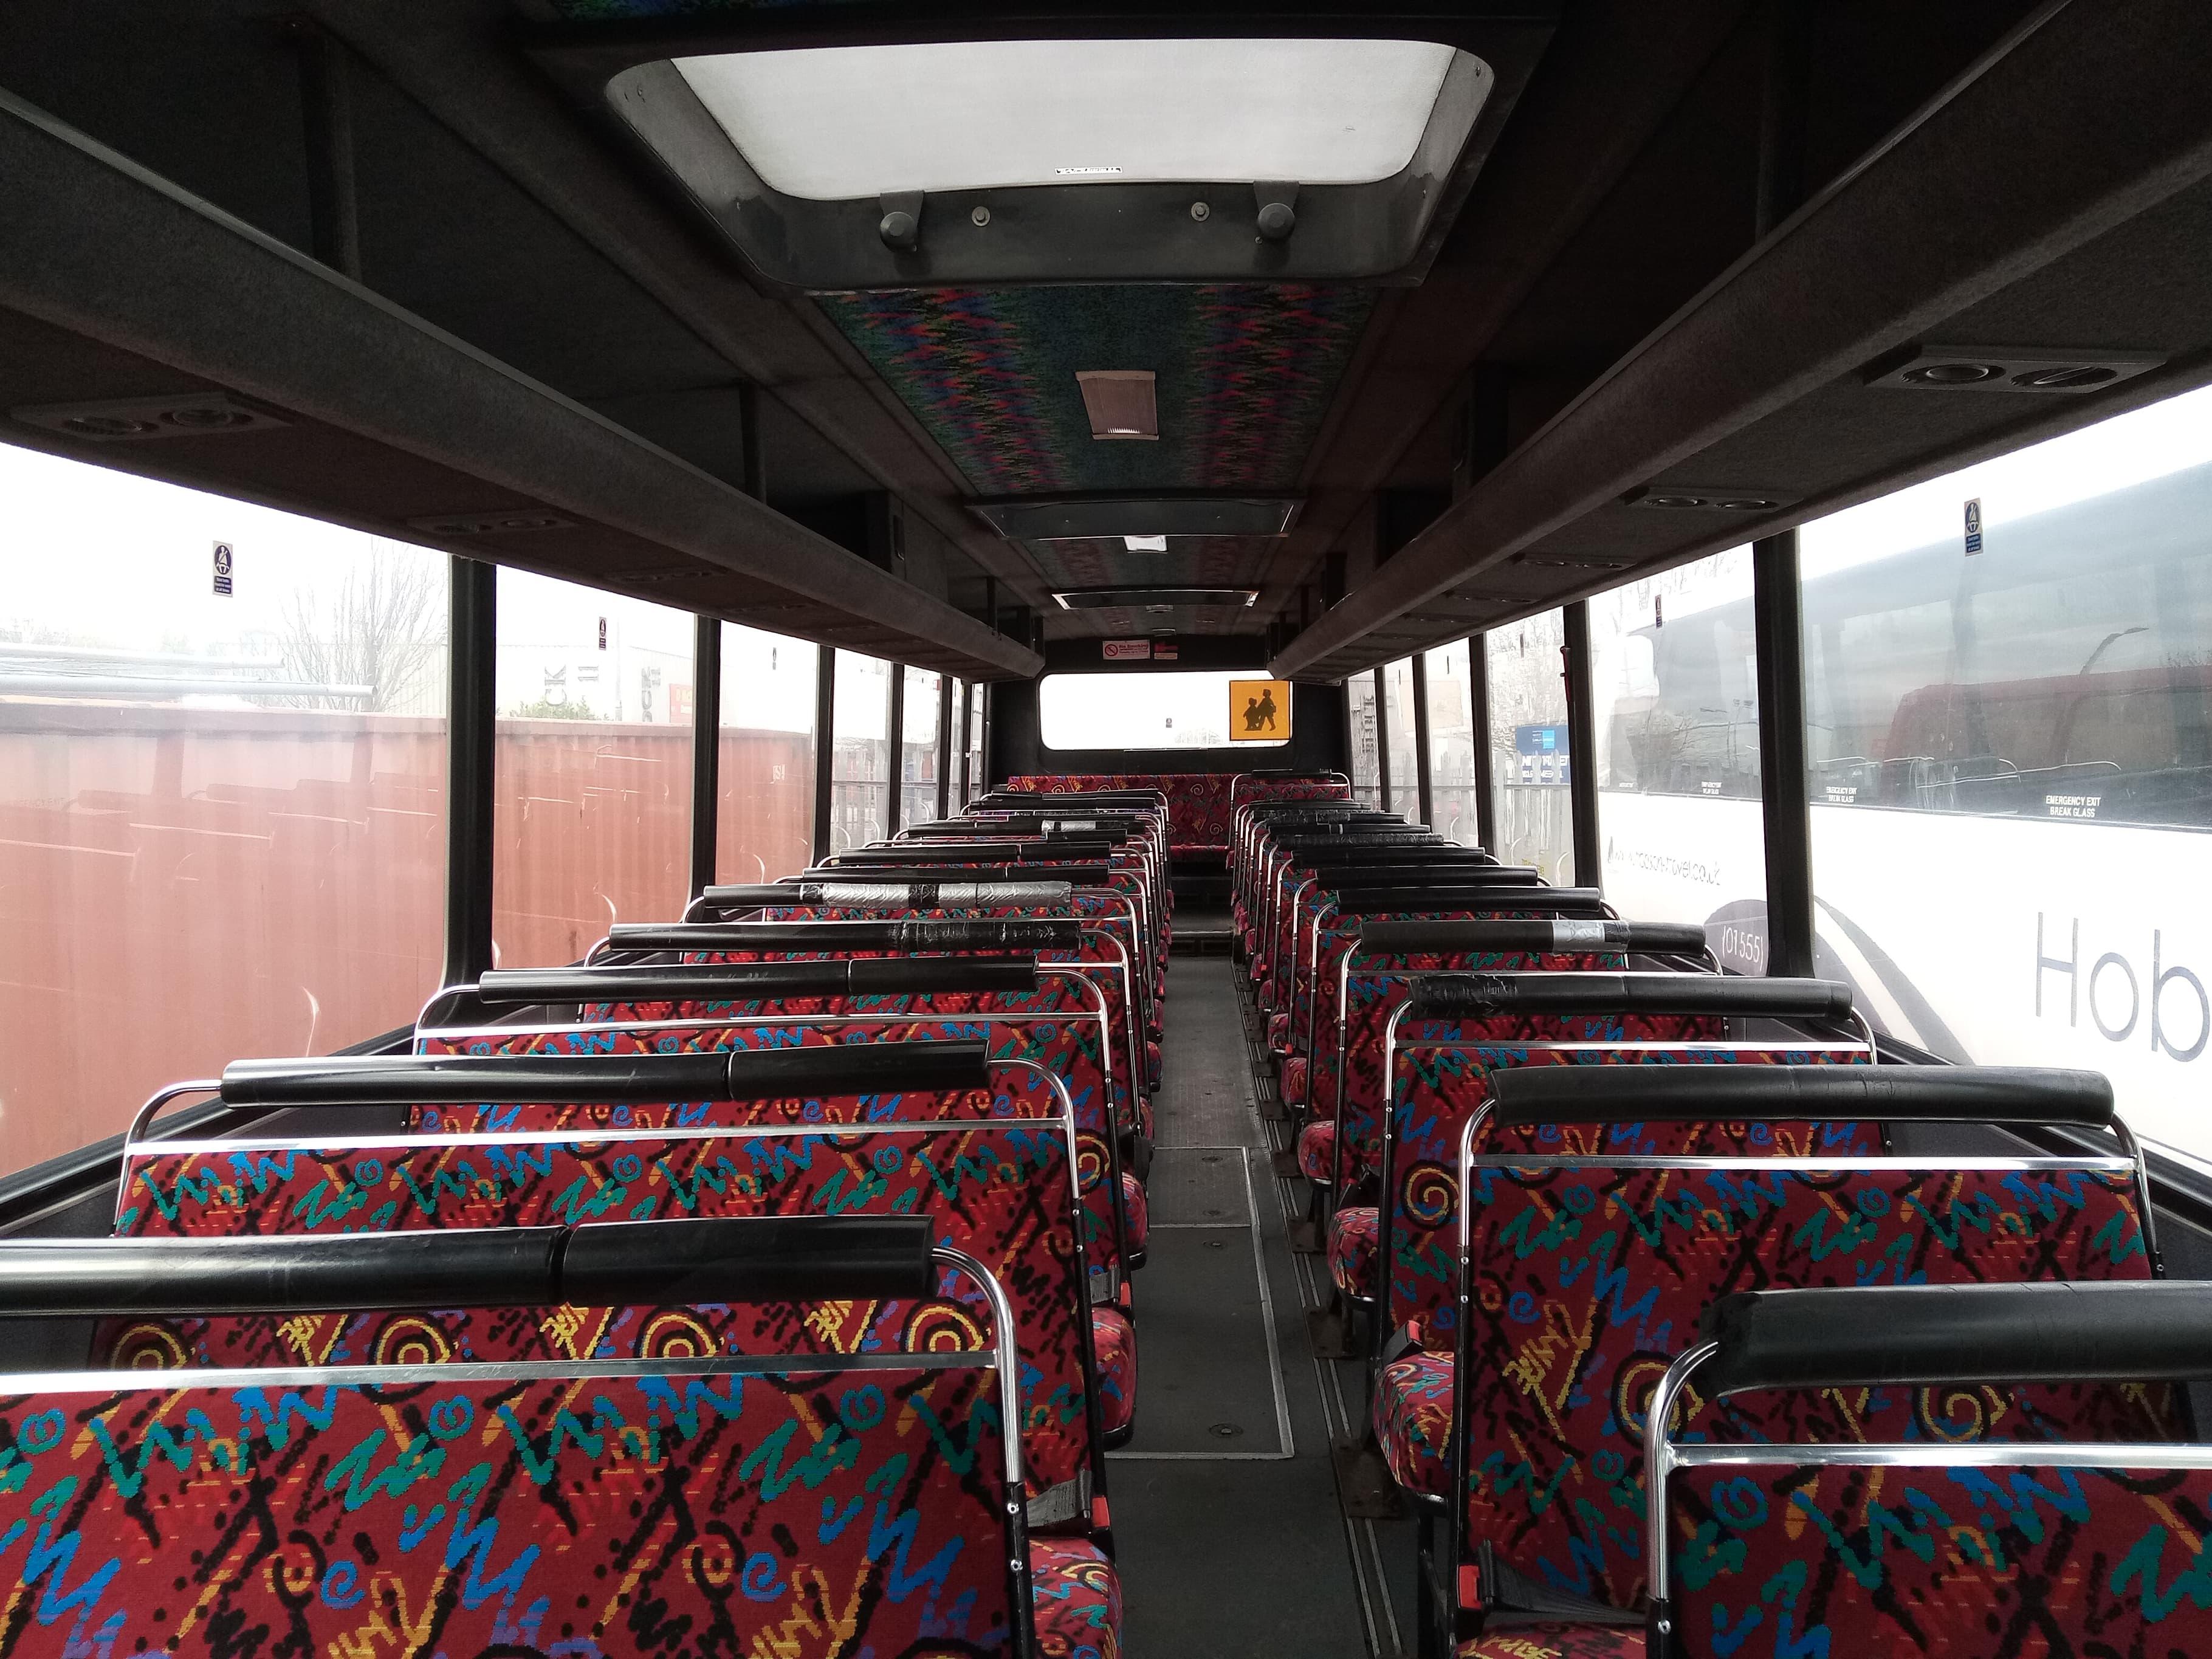 Leyland Tiger School Bus Registration K984 JNV, Date of Registration October 1992, Vehicle - Image 4 of 6